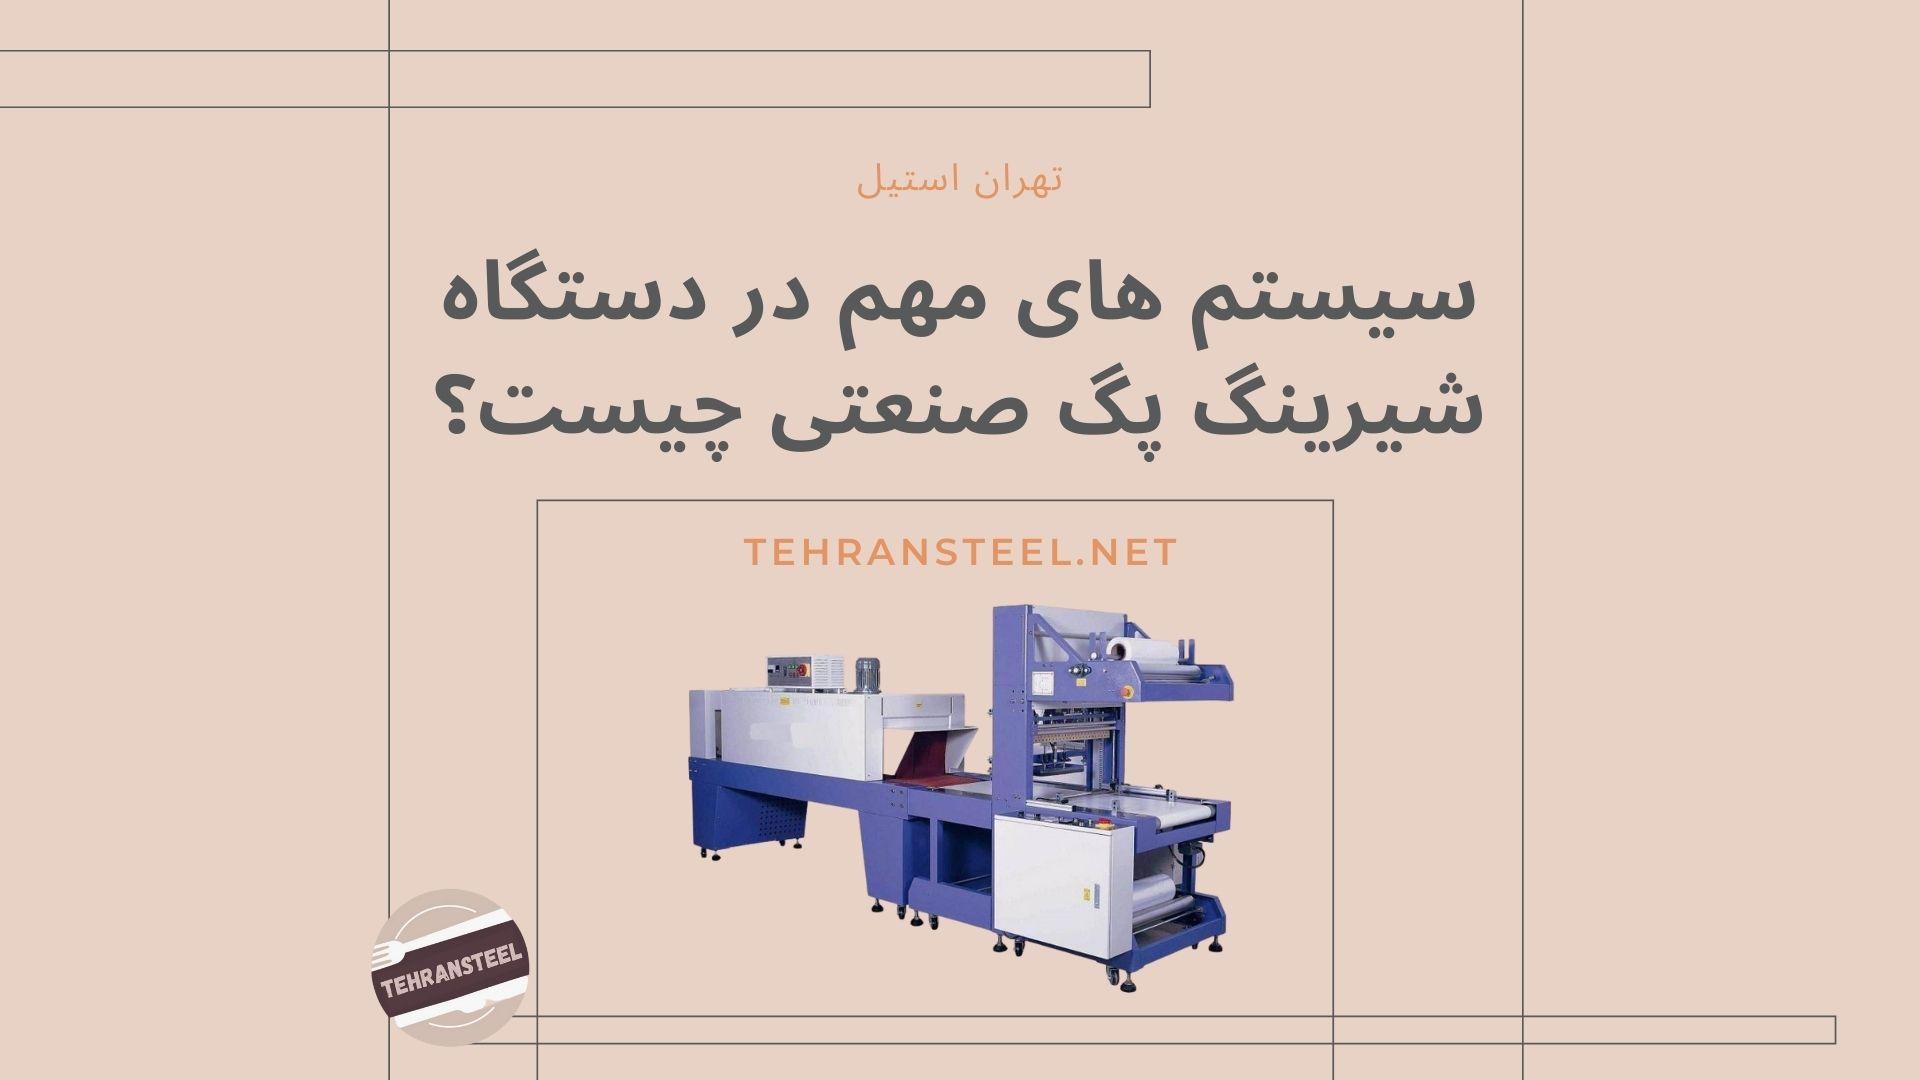 سیستم های مهم در دستگاه شیرینگ پگ صنعتی چیست؟